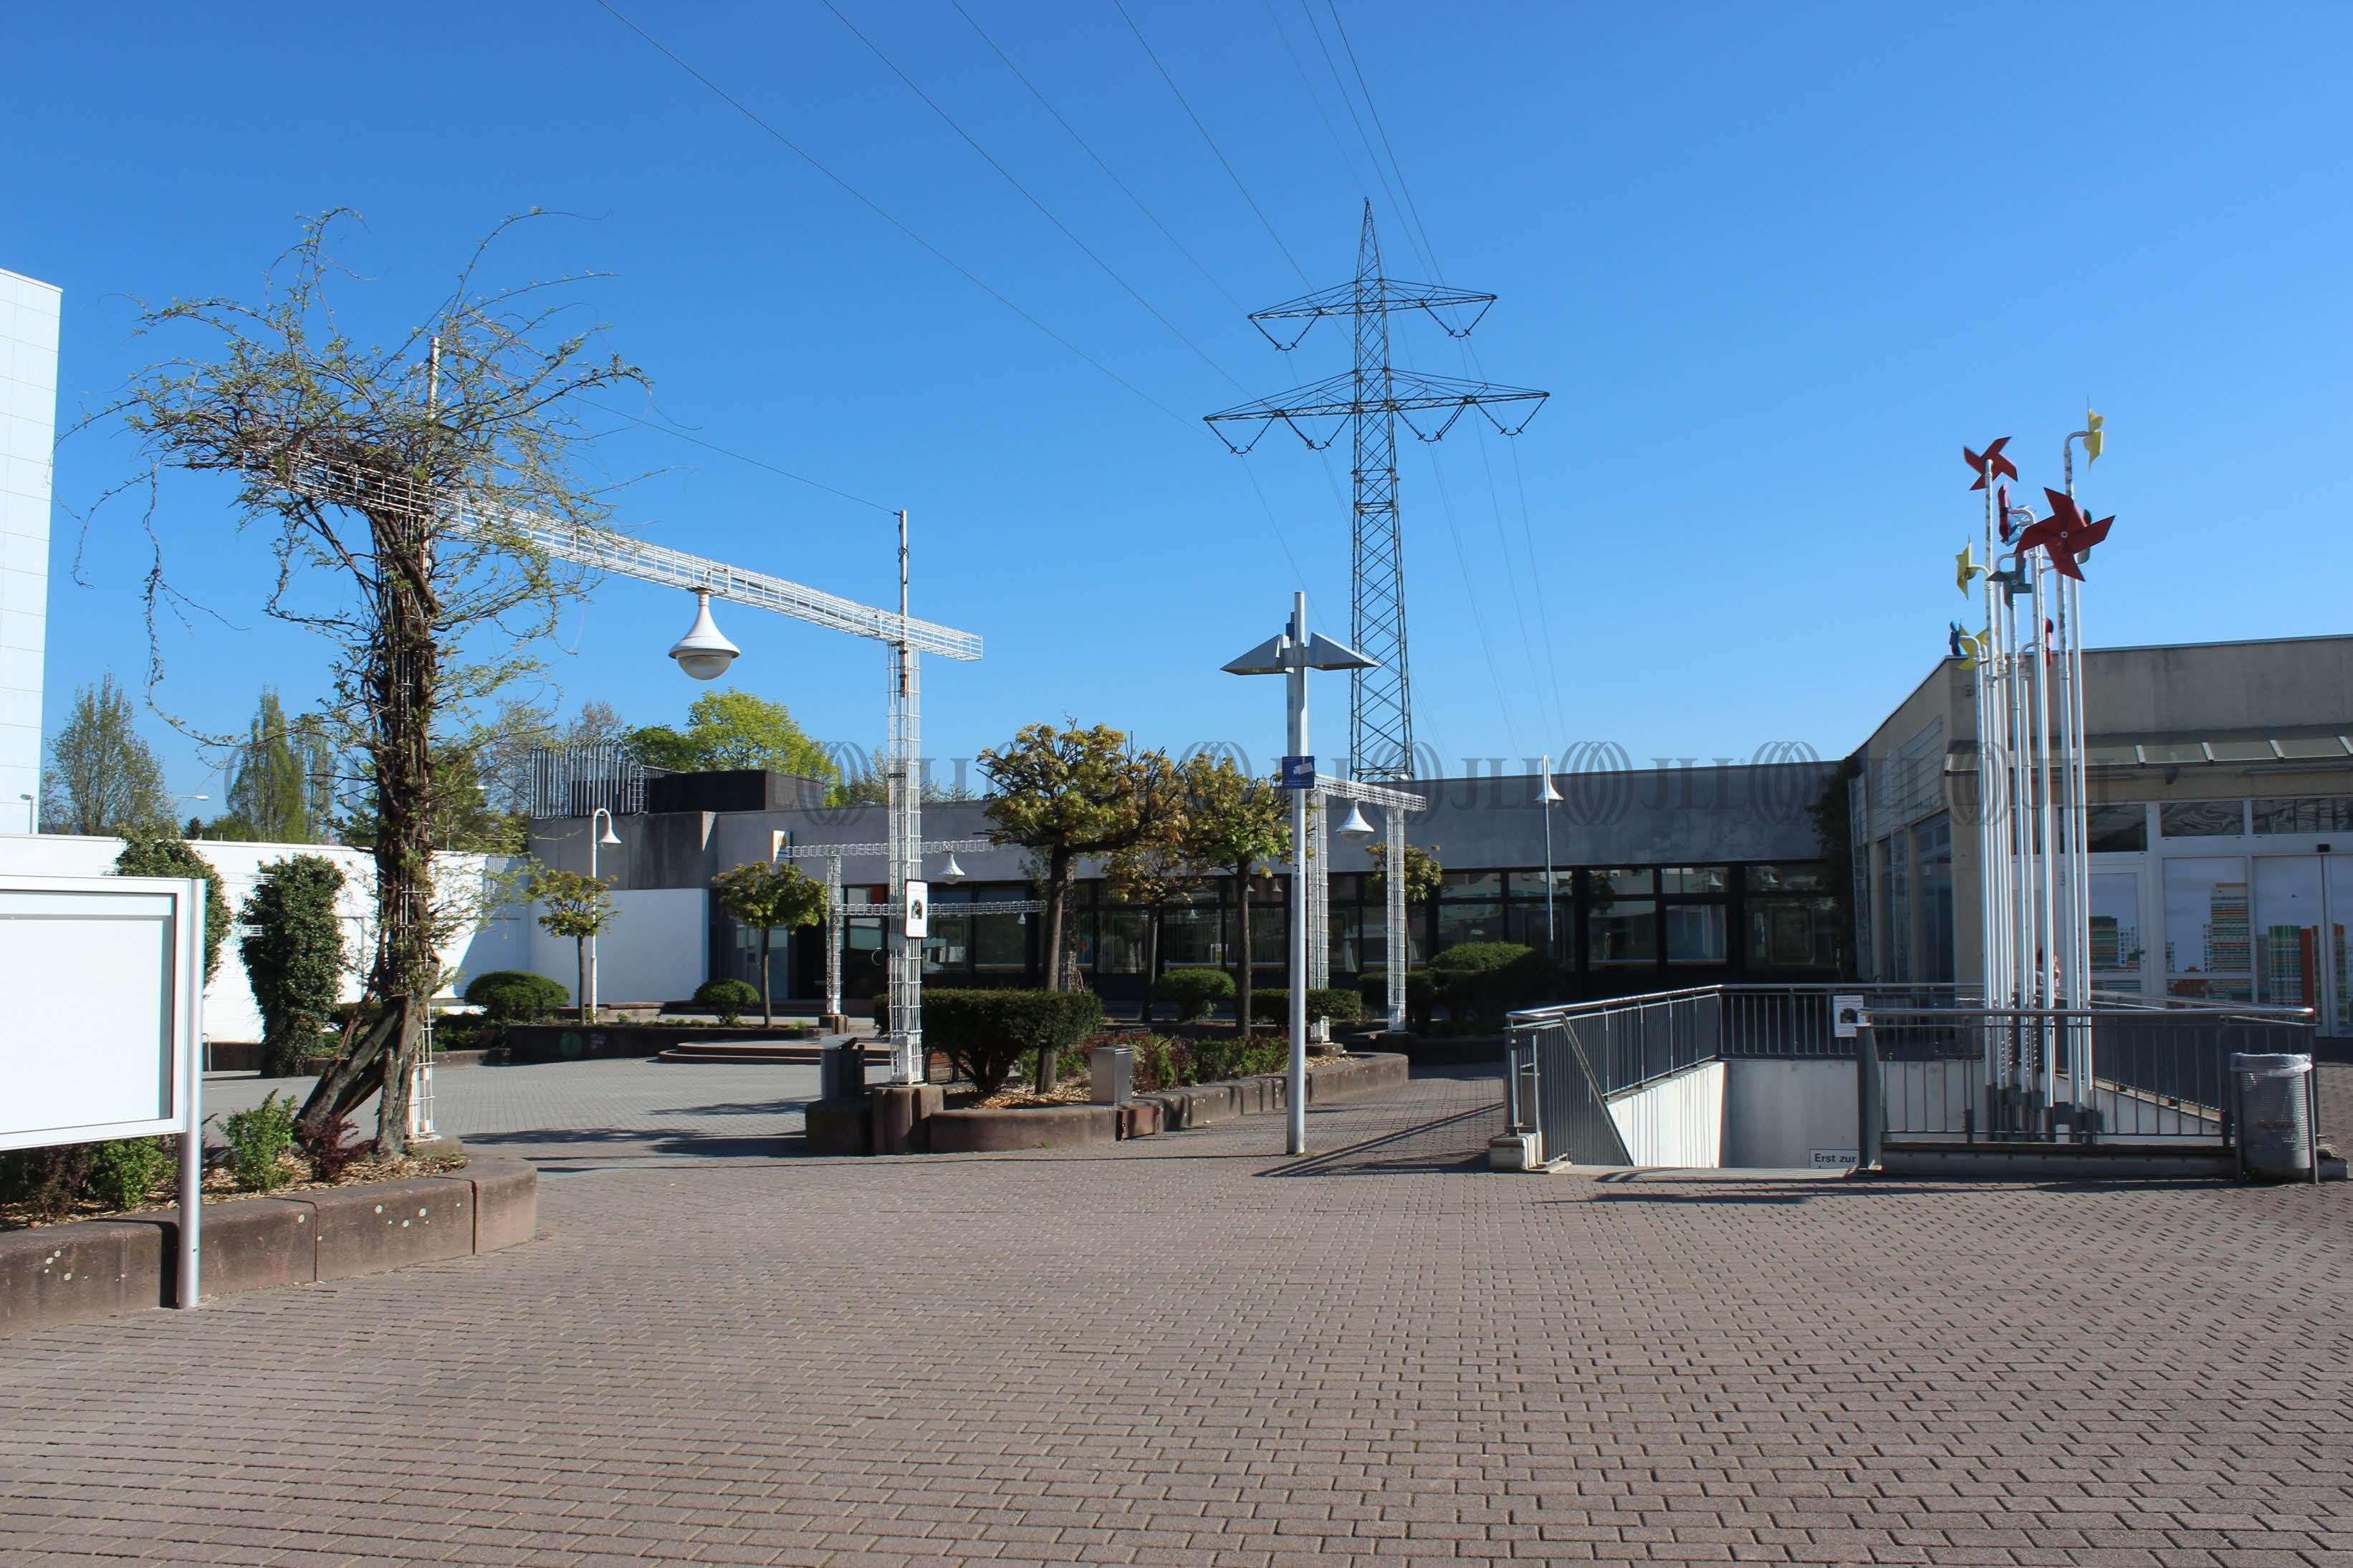 Ladenflächen Schwalbach am taunus, 65824 - Ladenfläche - Schwalbach am Taunus, Zentrum - E0793 - 9586419